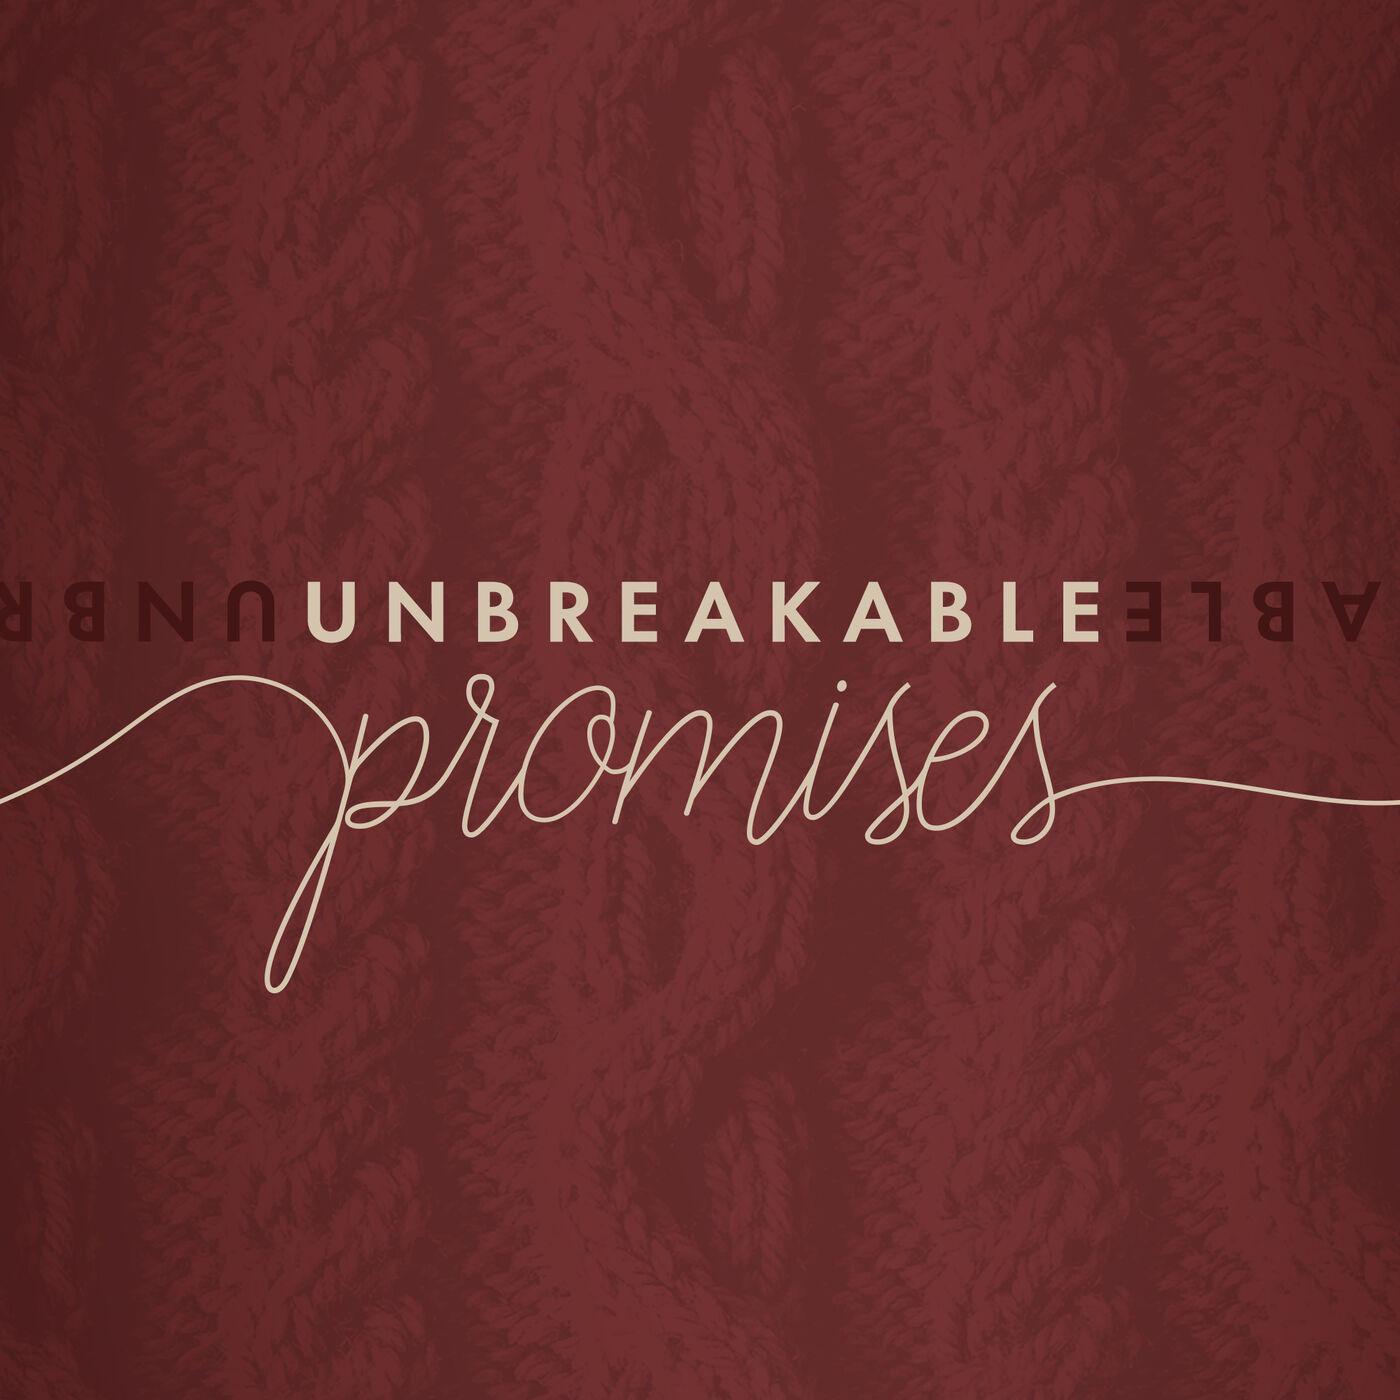 Unbreakable Promises - To Enlighten the World (Week 1)